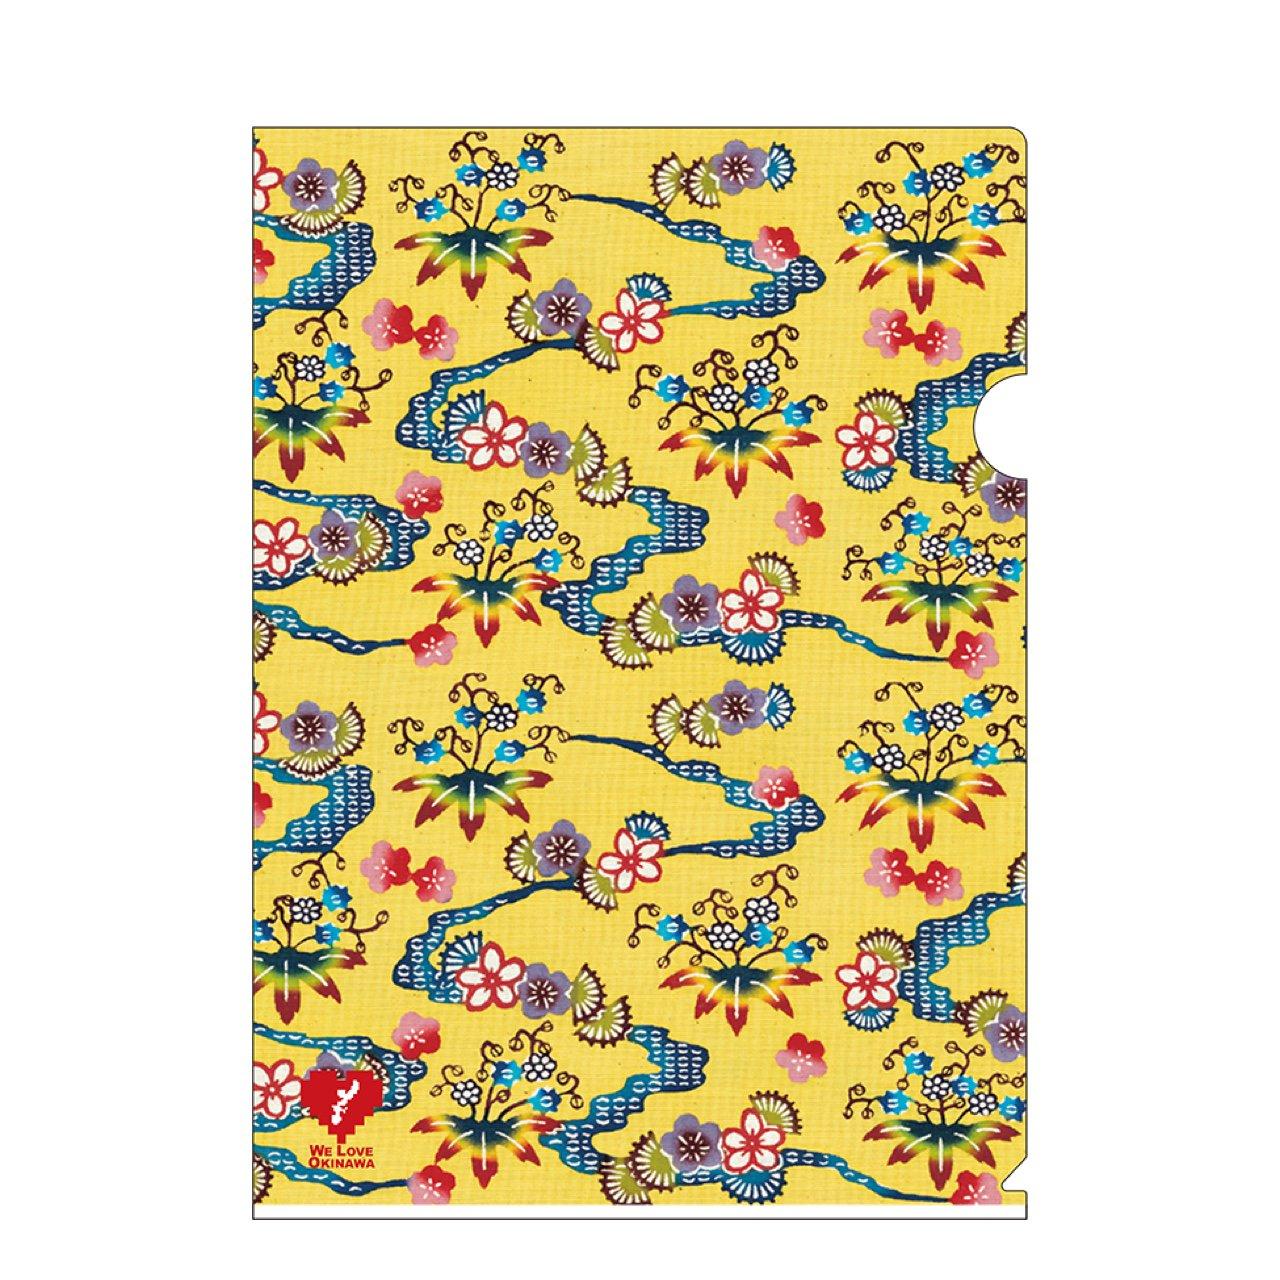 琉球紅型の古典柄クリアファイル黄色